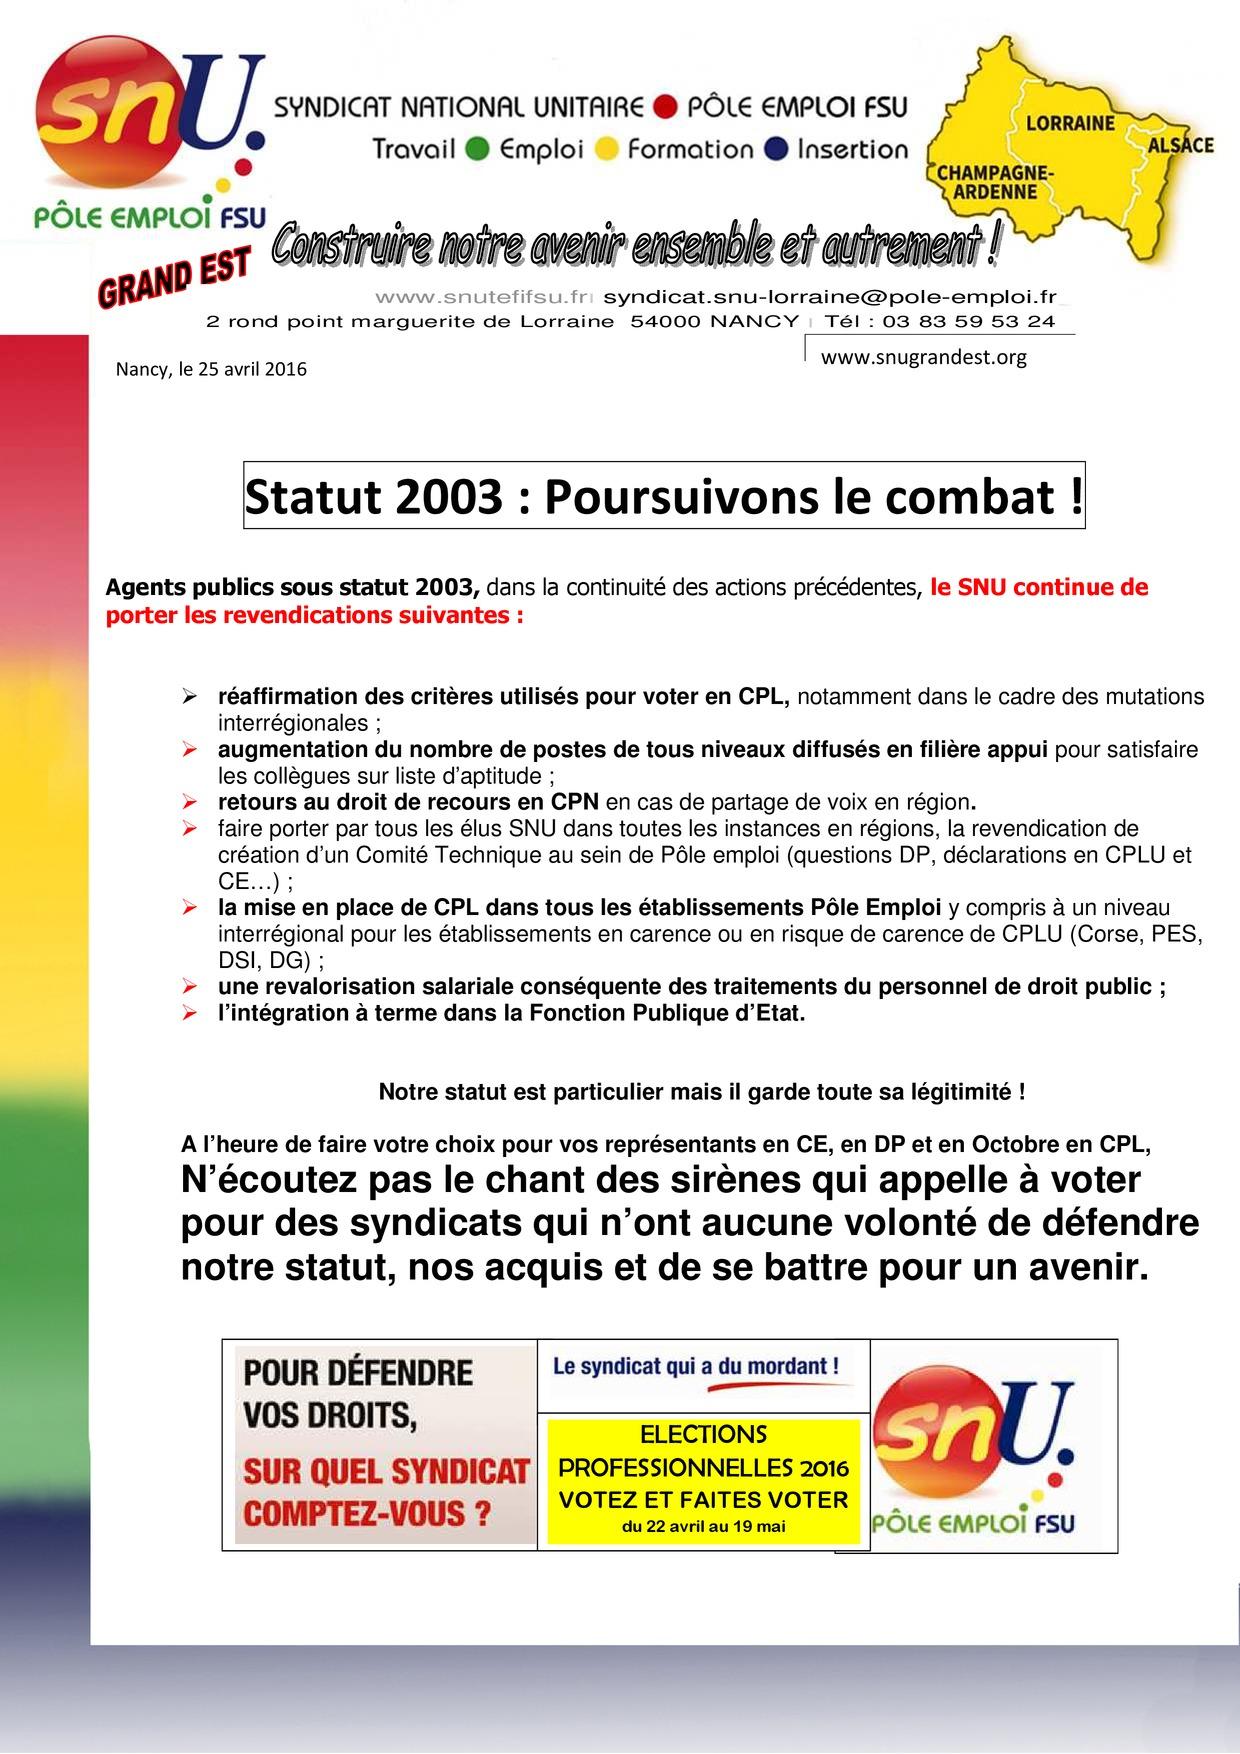 statut_2003_poursuivons_le_combat